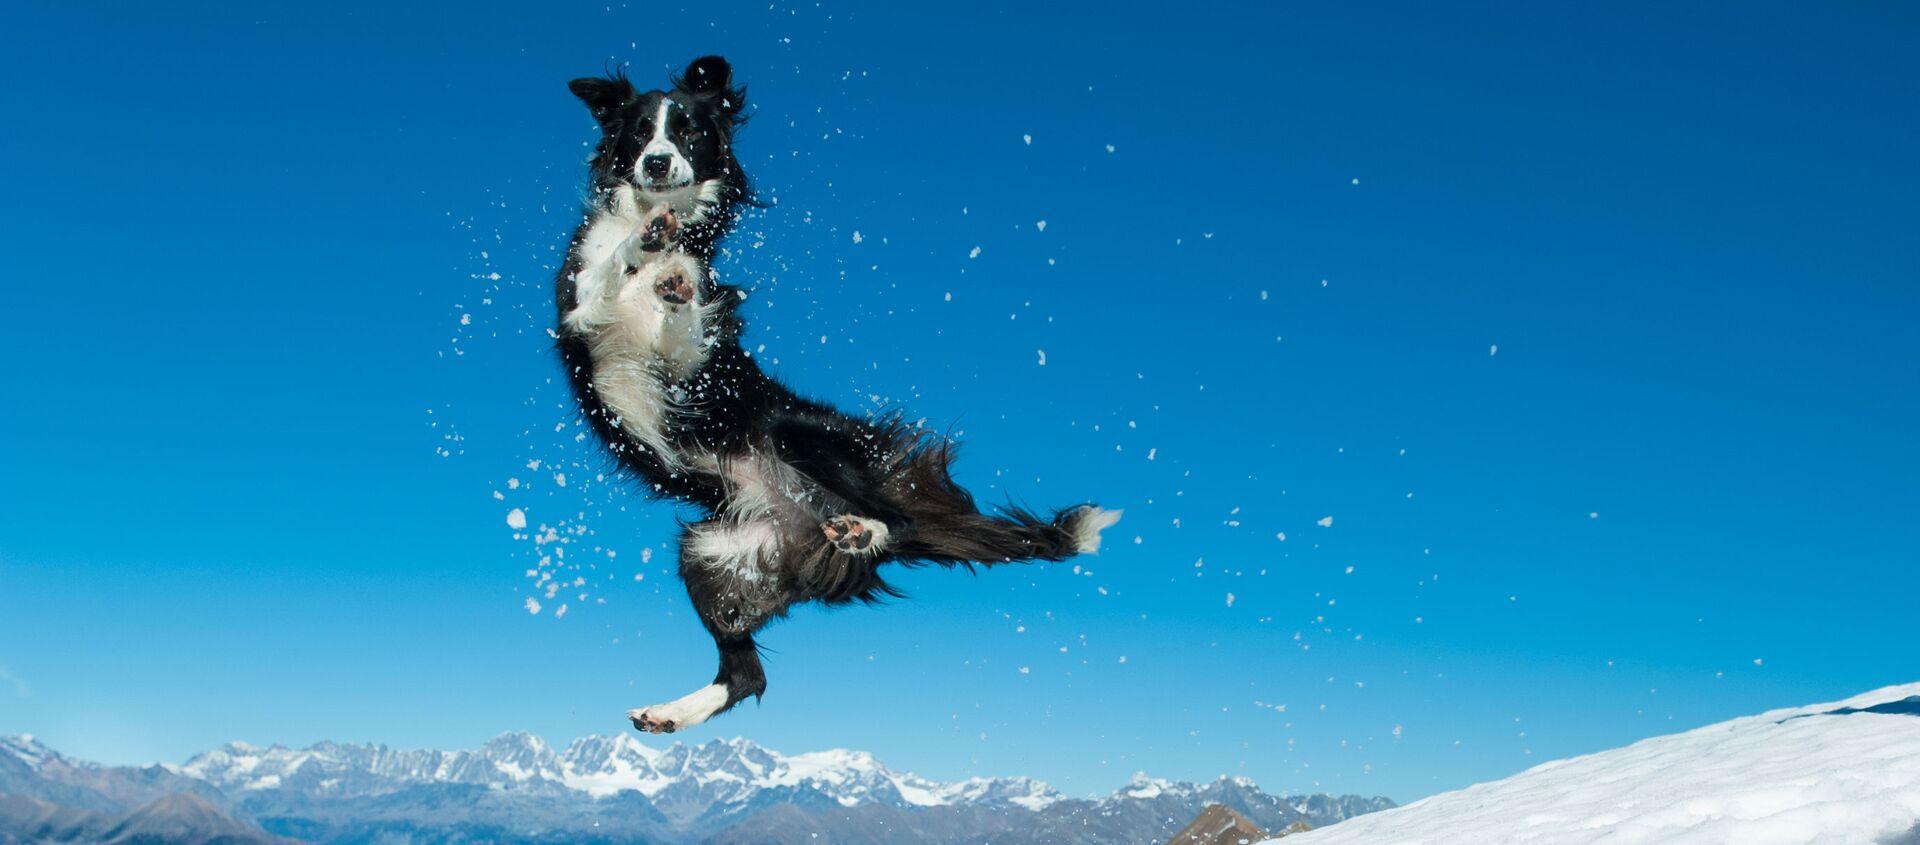 Колли прыгает в снегу - Sputnik Таджикистан, 1920, 19.01.2020